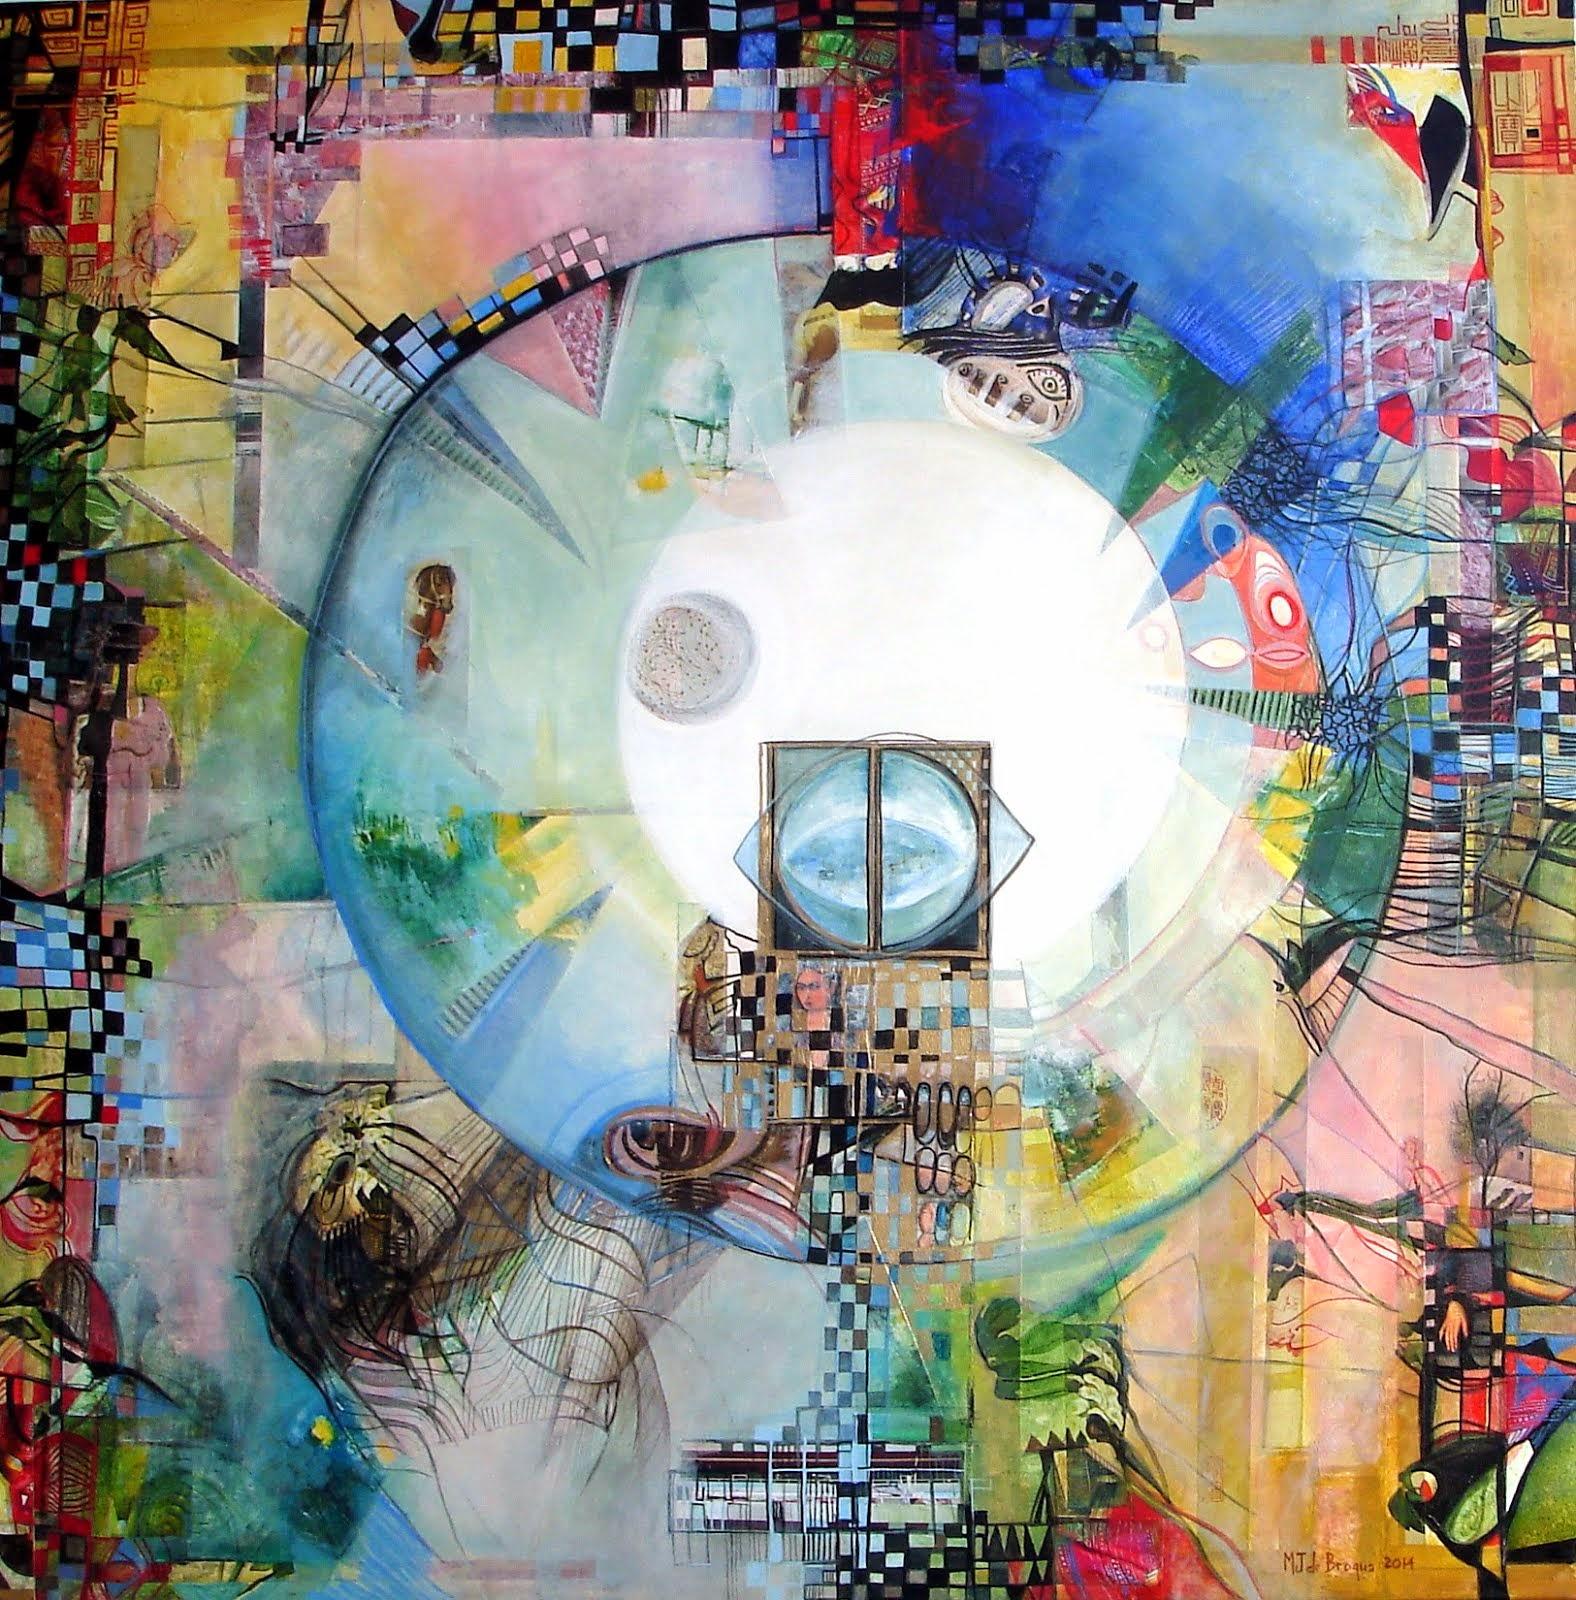 Le jardin des délices version 2014 - 90 x 90 cm